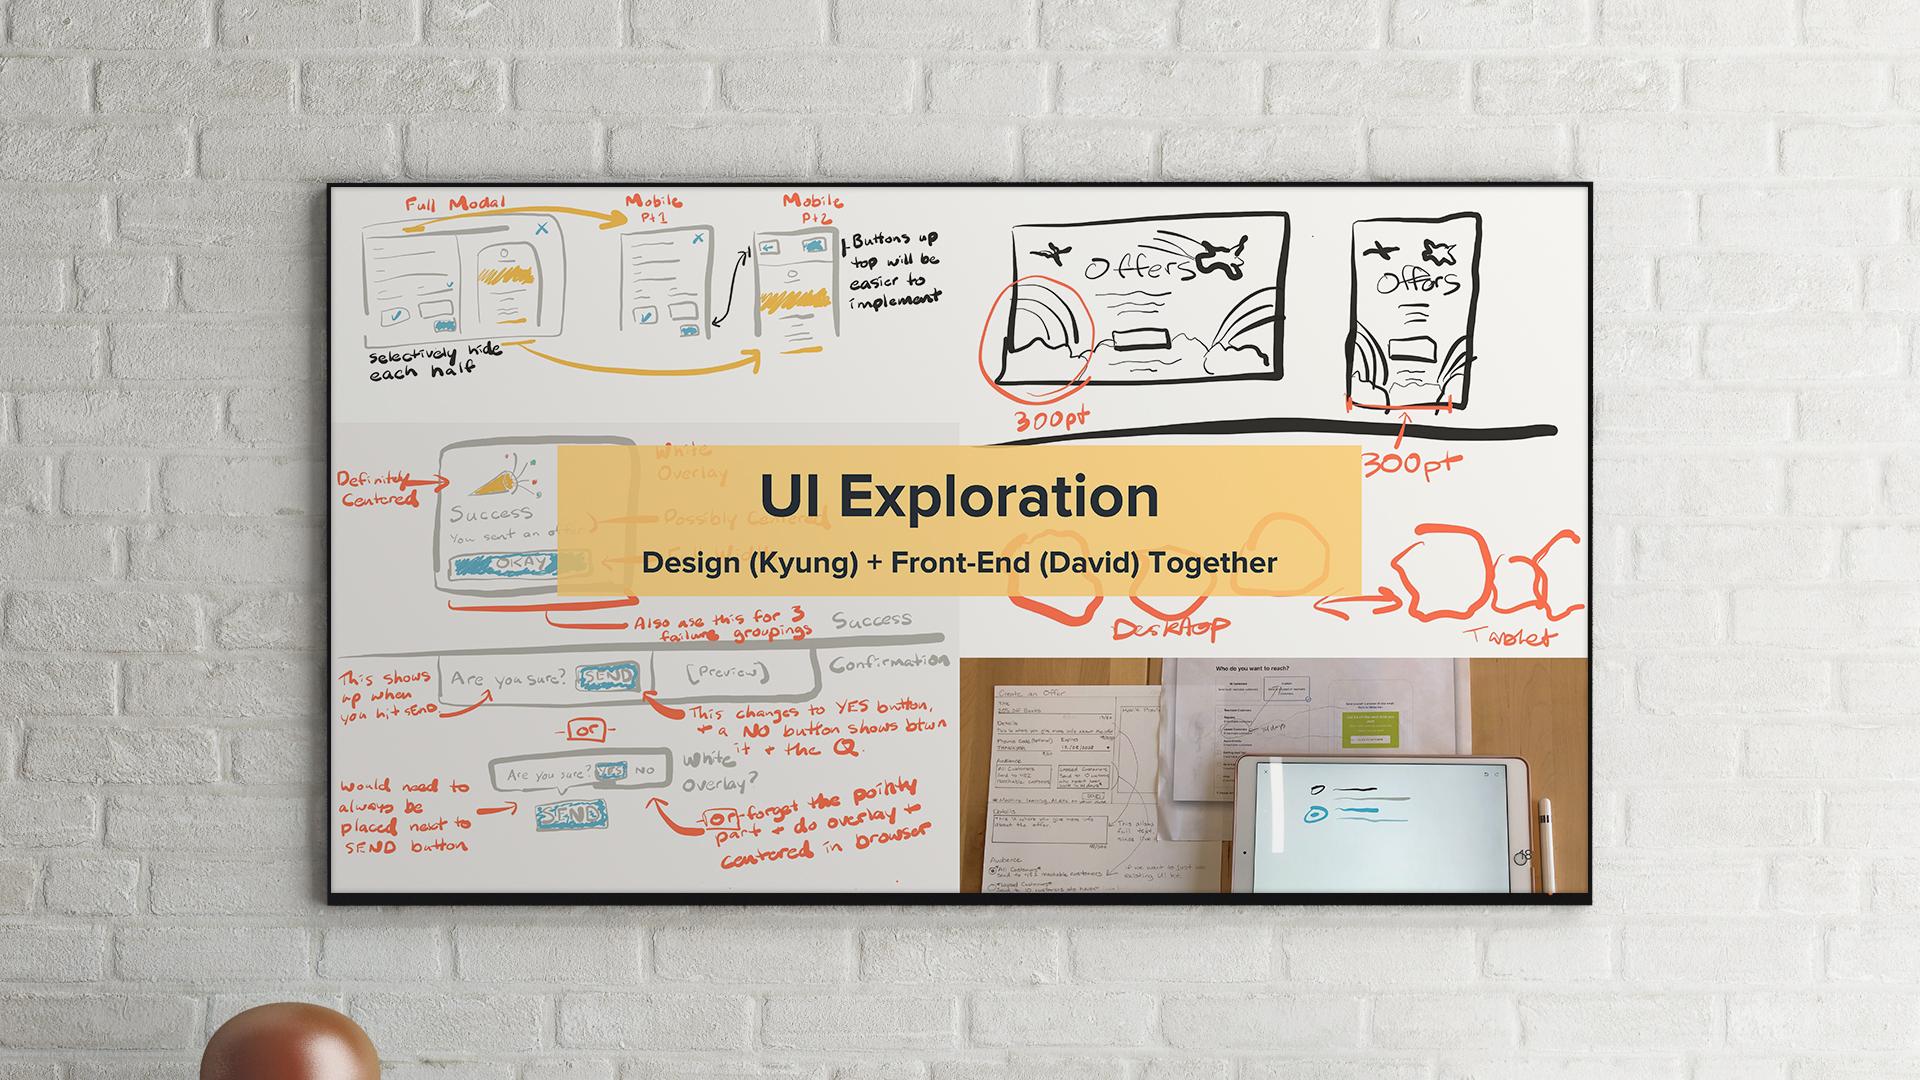 womply-digital-presentation-18.jpg